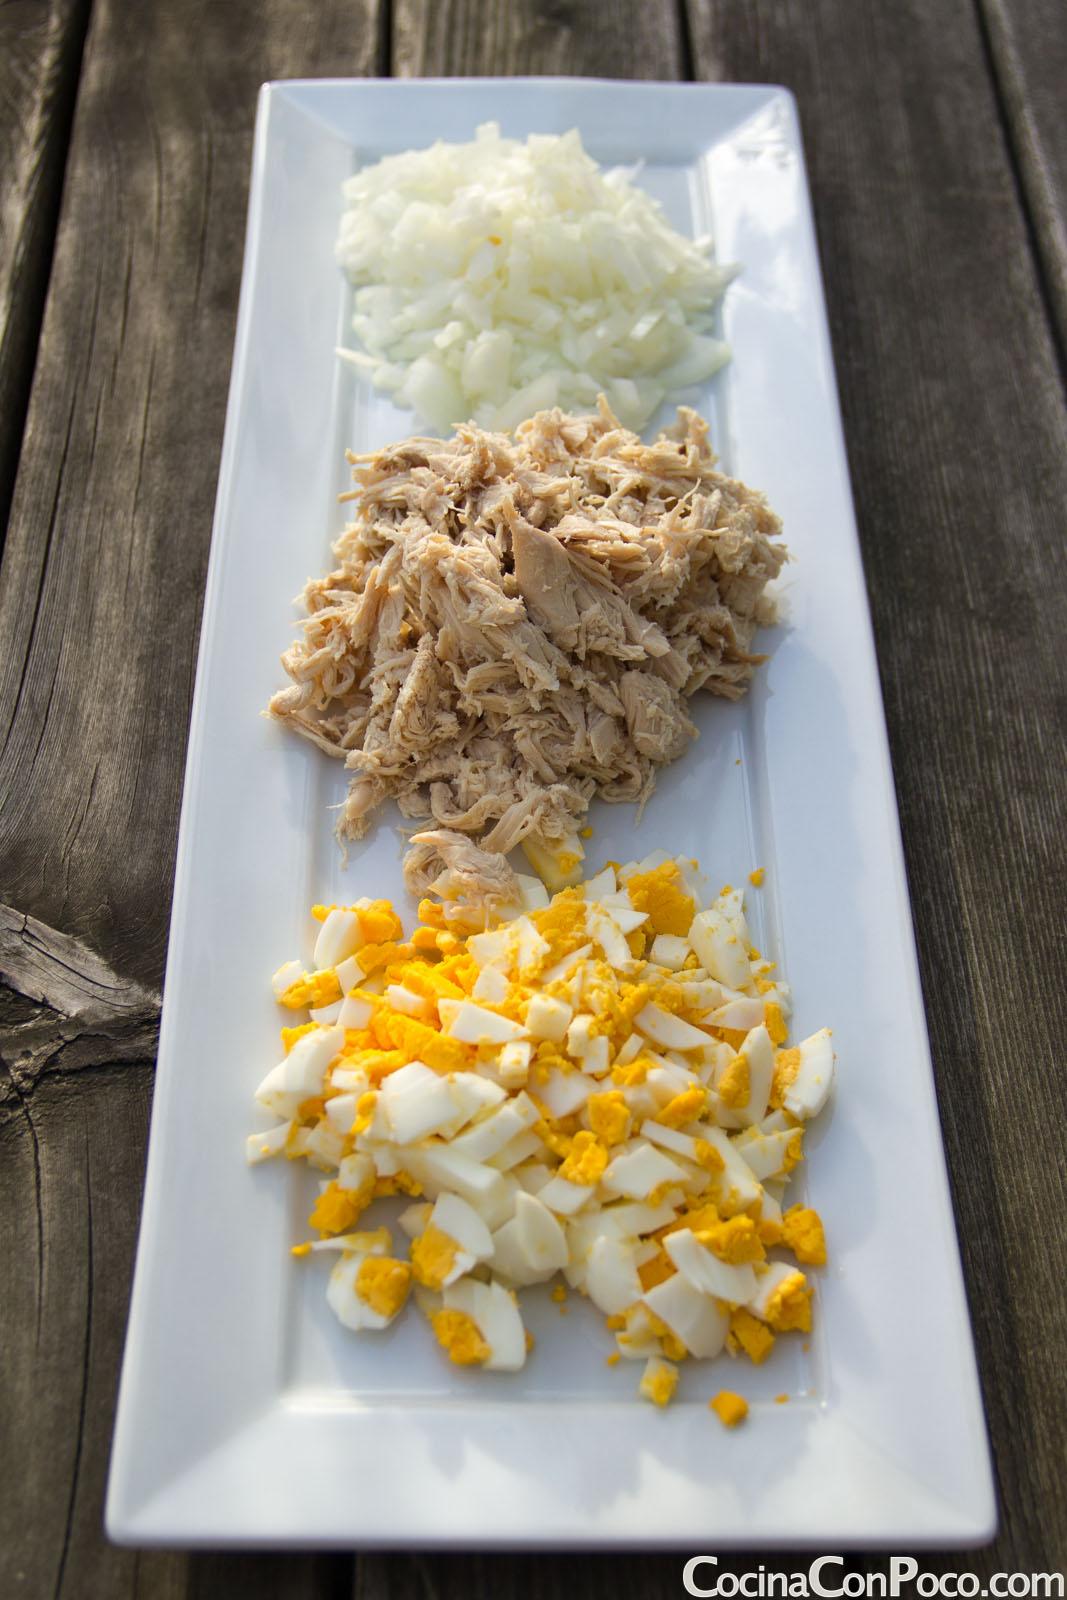 Se puede cocinar un pollo congelado for Cocinar huevos 7 days to die